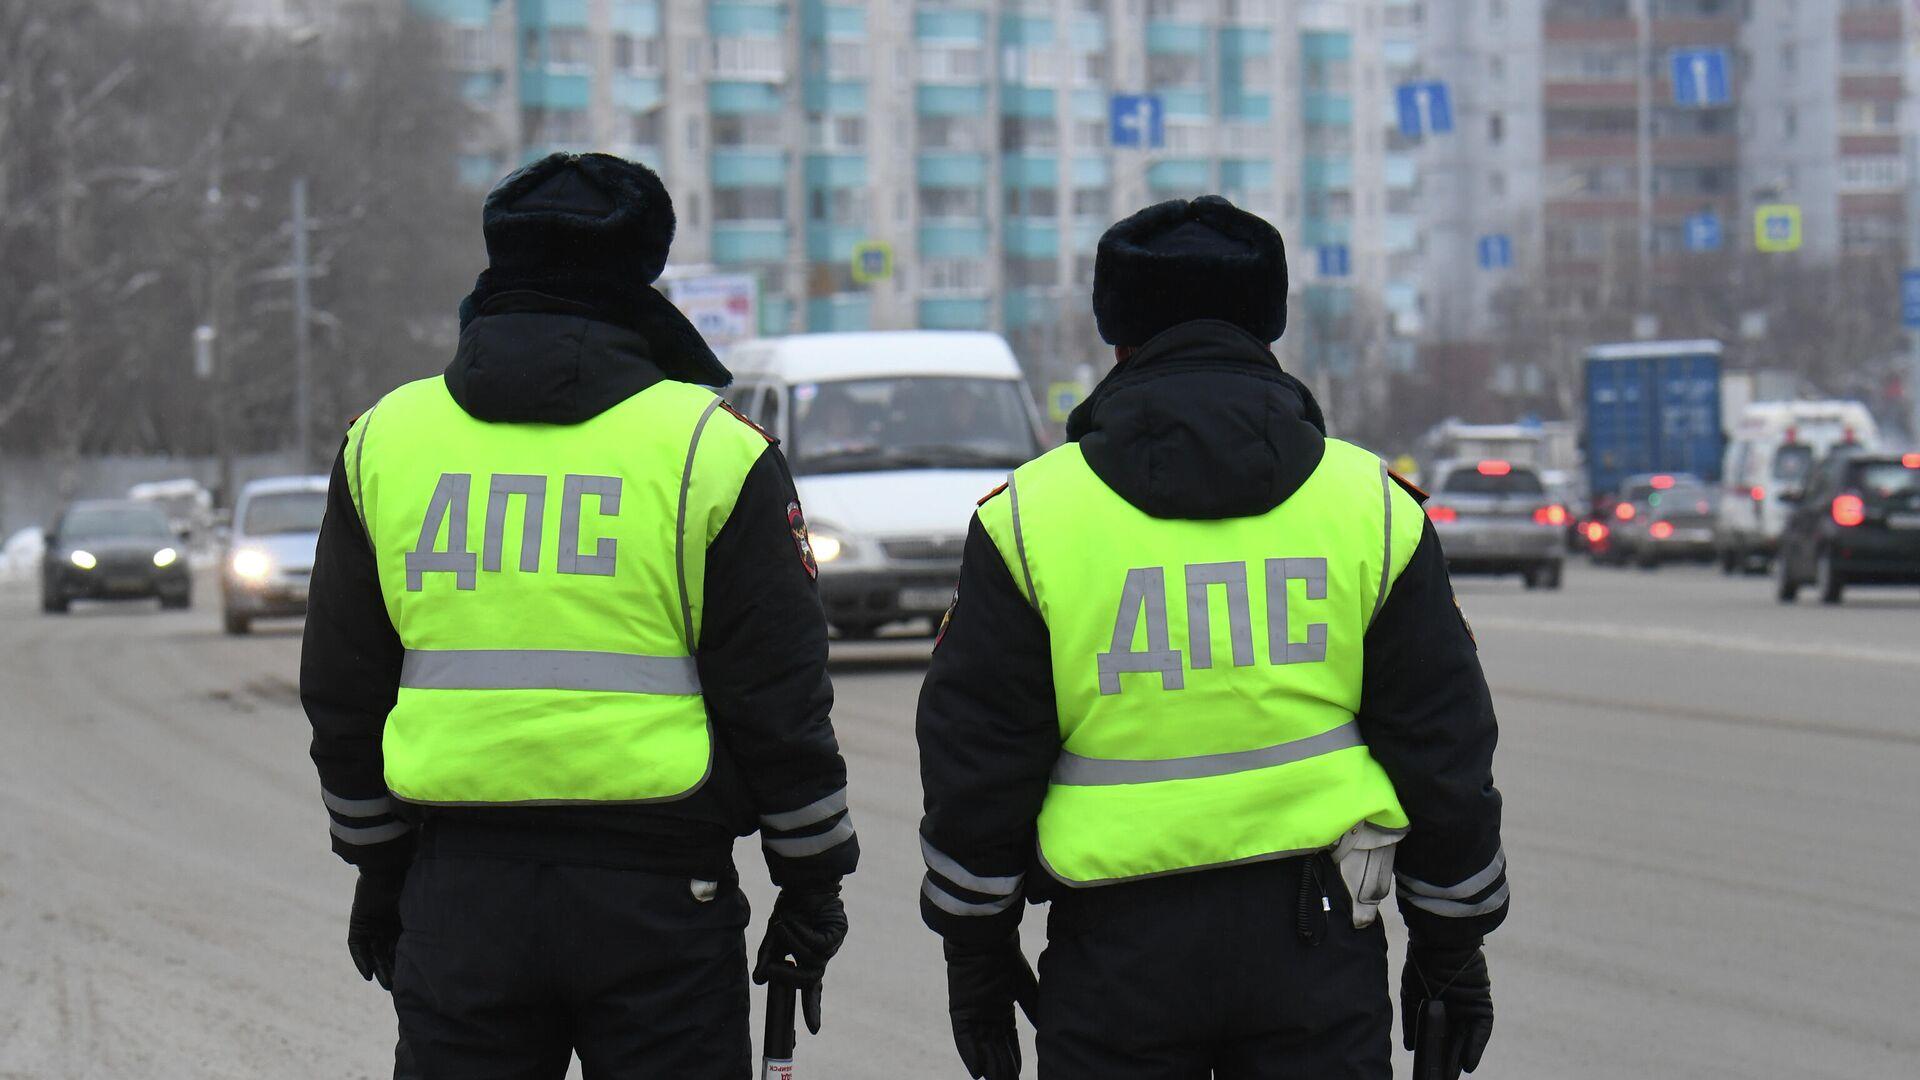 Сотрудники ДПС ГИБДД во время проверки соблюдения масочного режима водителями такси в Новосибирске - РИА Новости, 1920, 25.01.2021